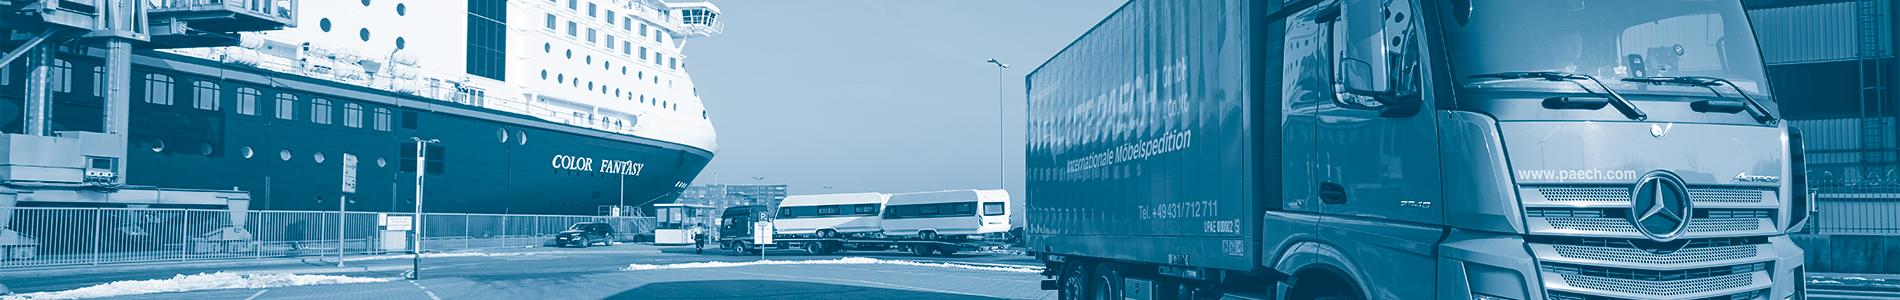 Ute Paech GmbH & Co. KG - Umzug nach Norwegen - Oslo, Bergen, Trondheim, Stavanger und mehr!